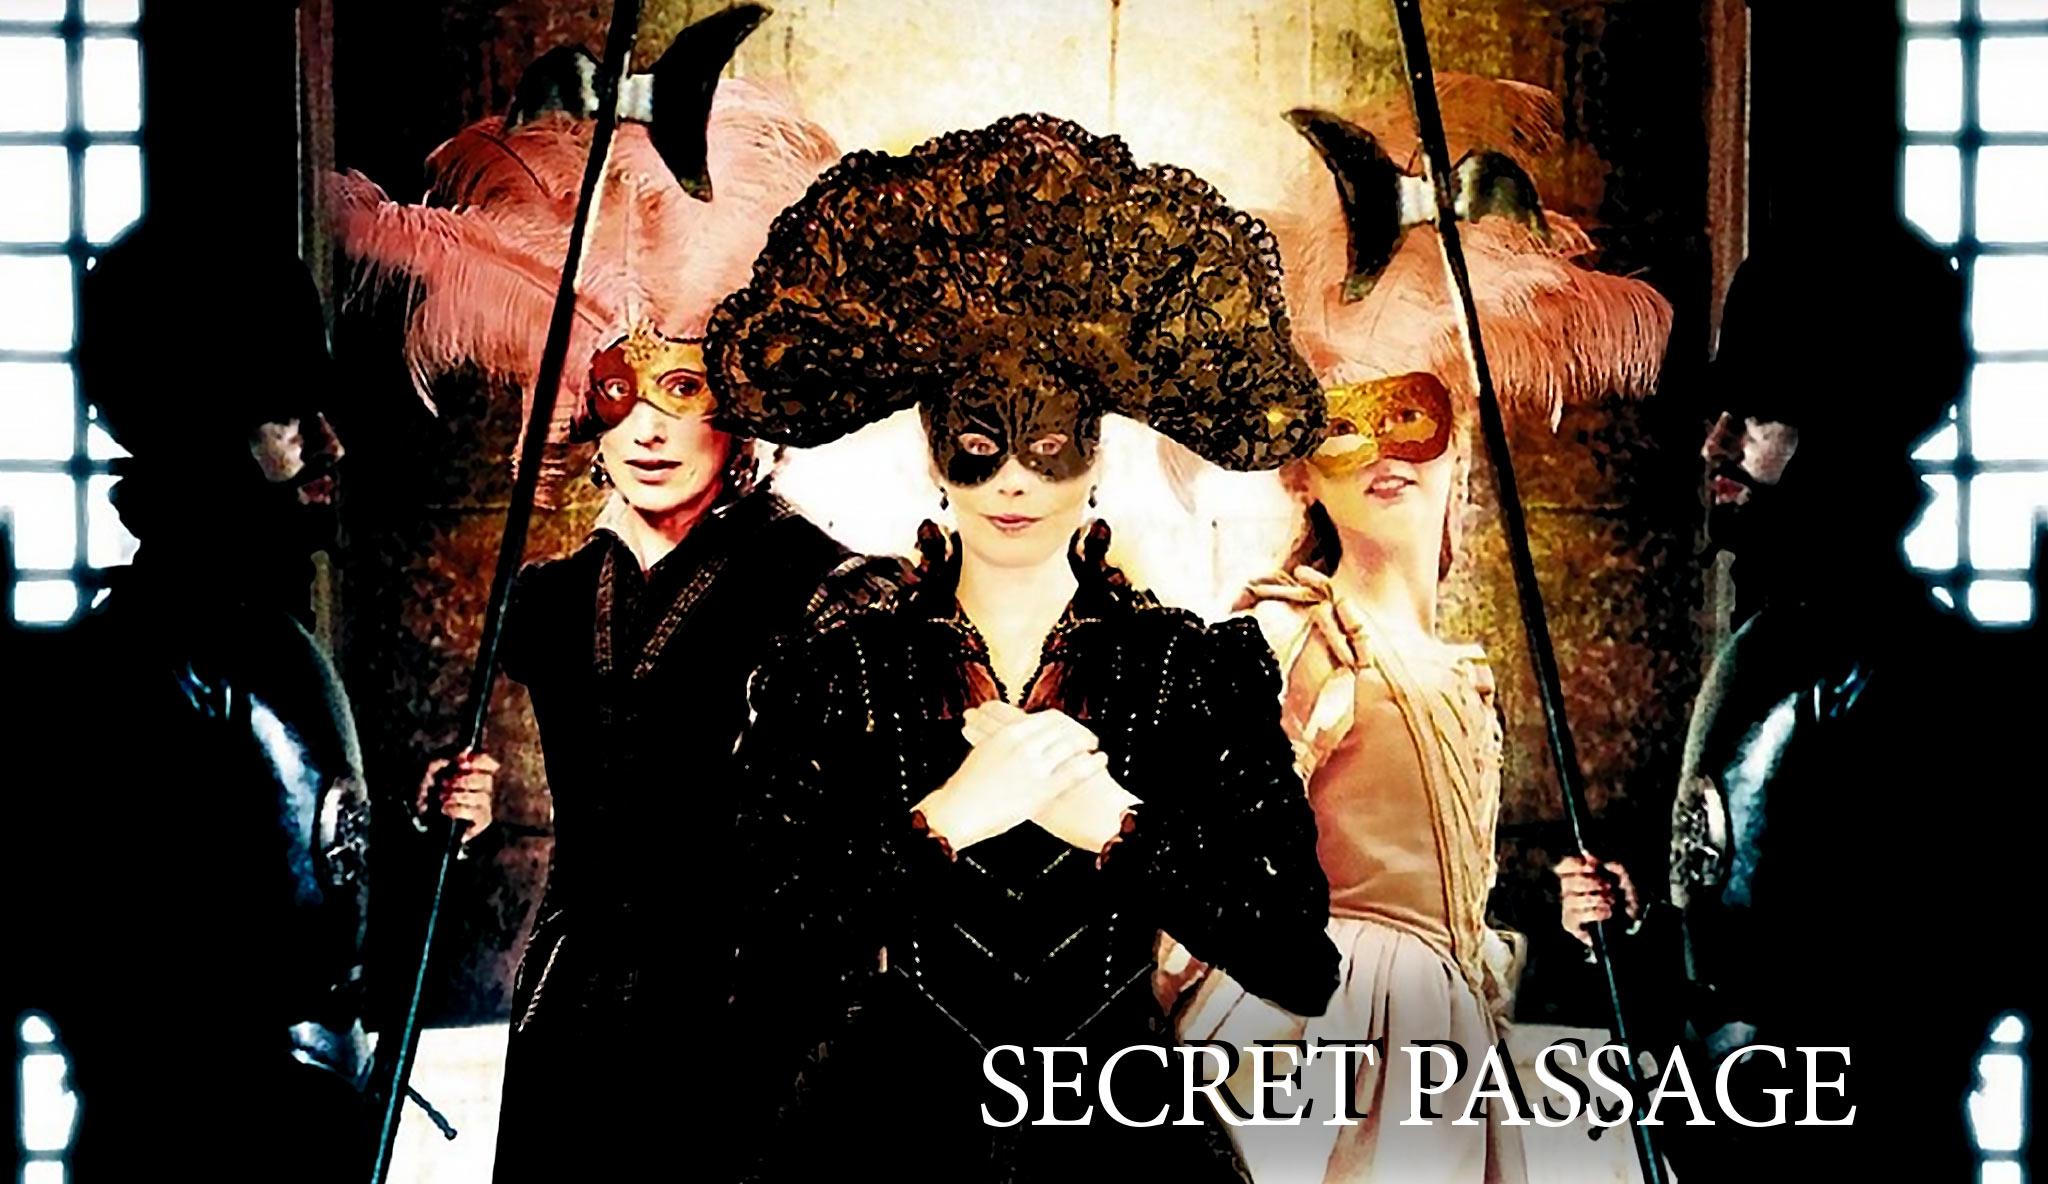 secret-passage-verrat-in-venedig\header.jpg